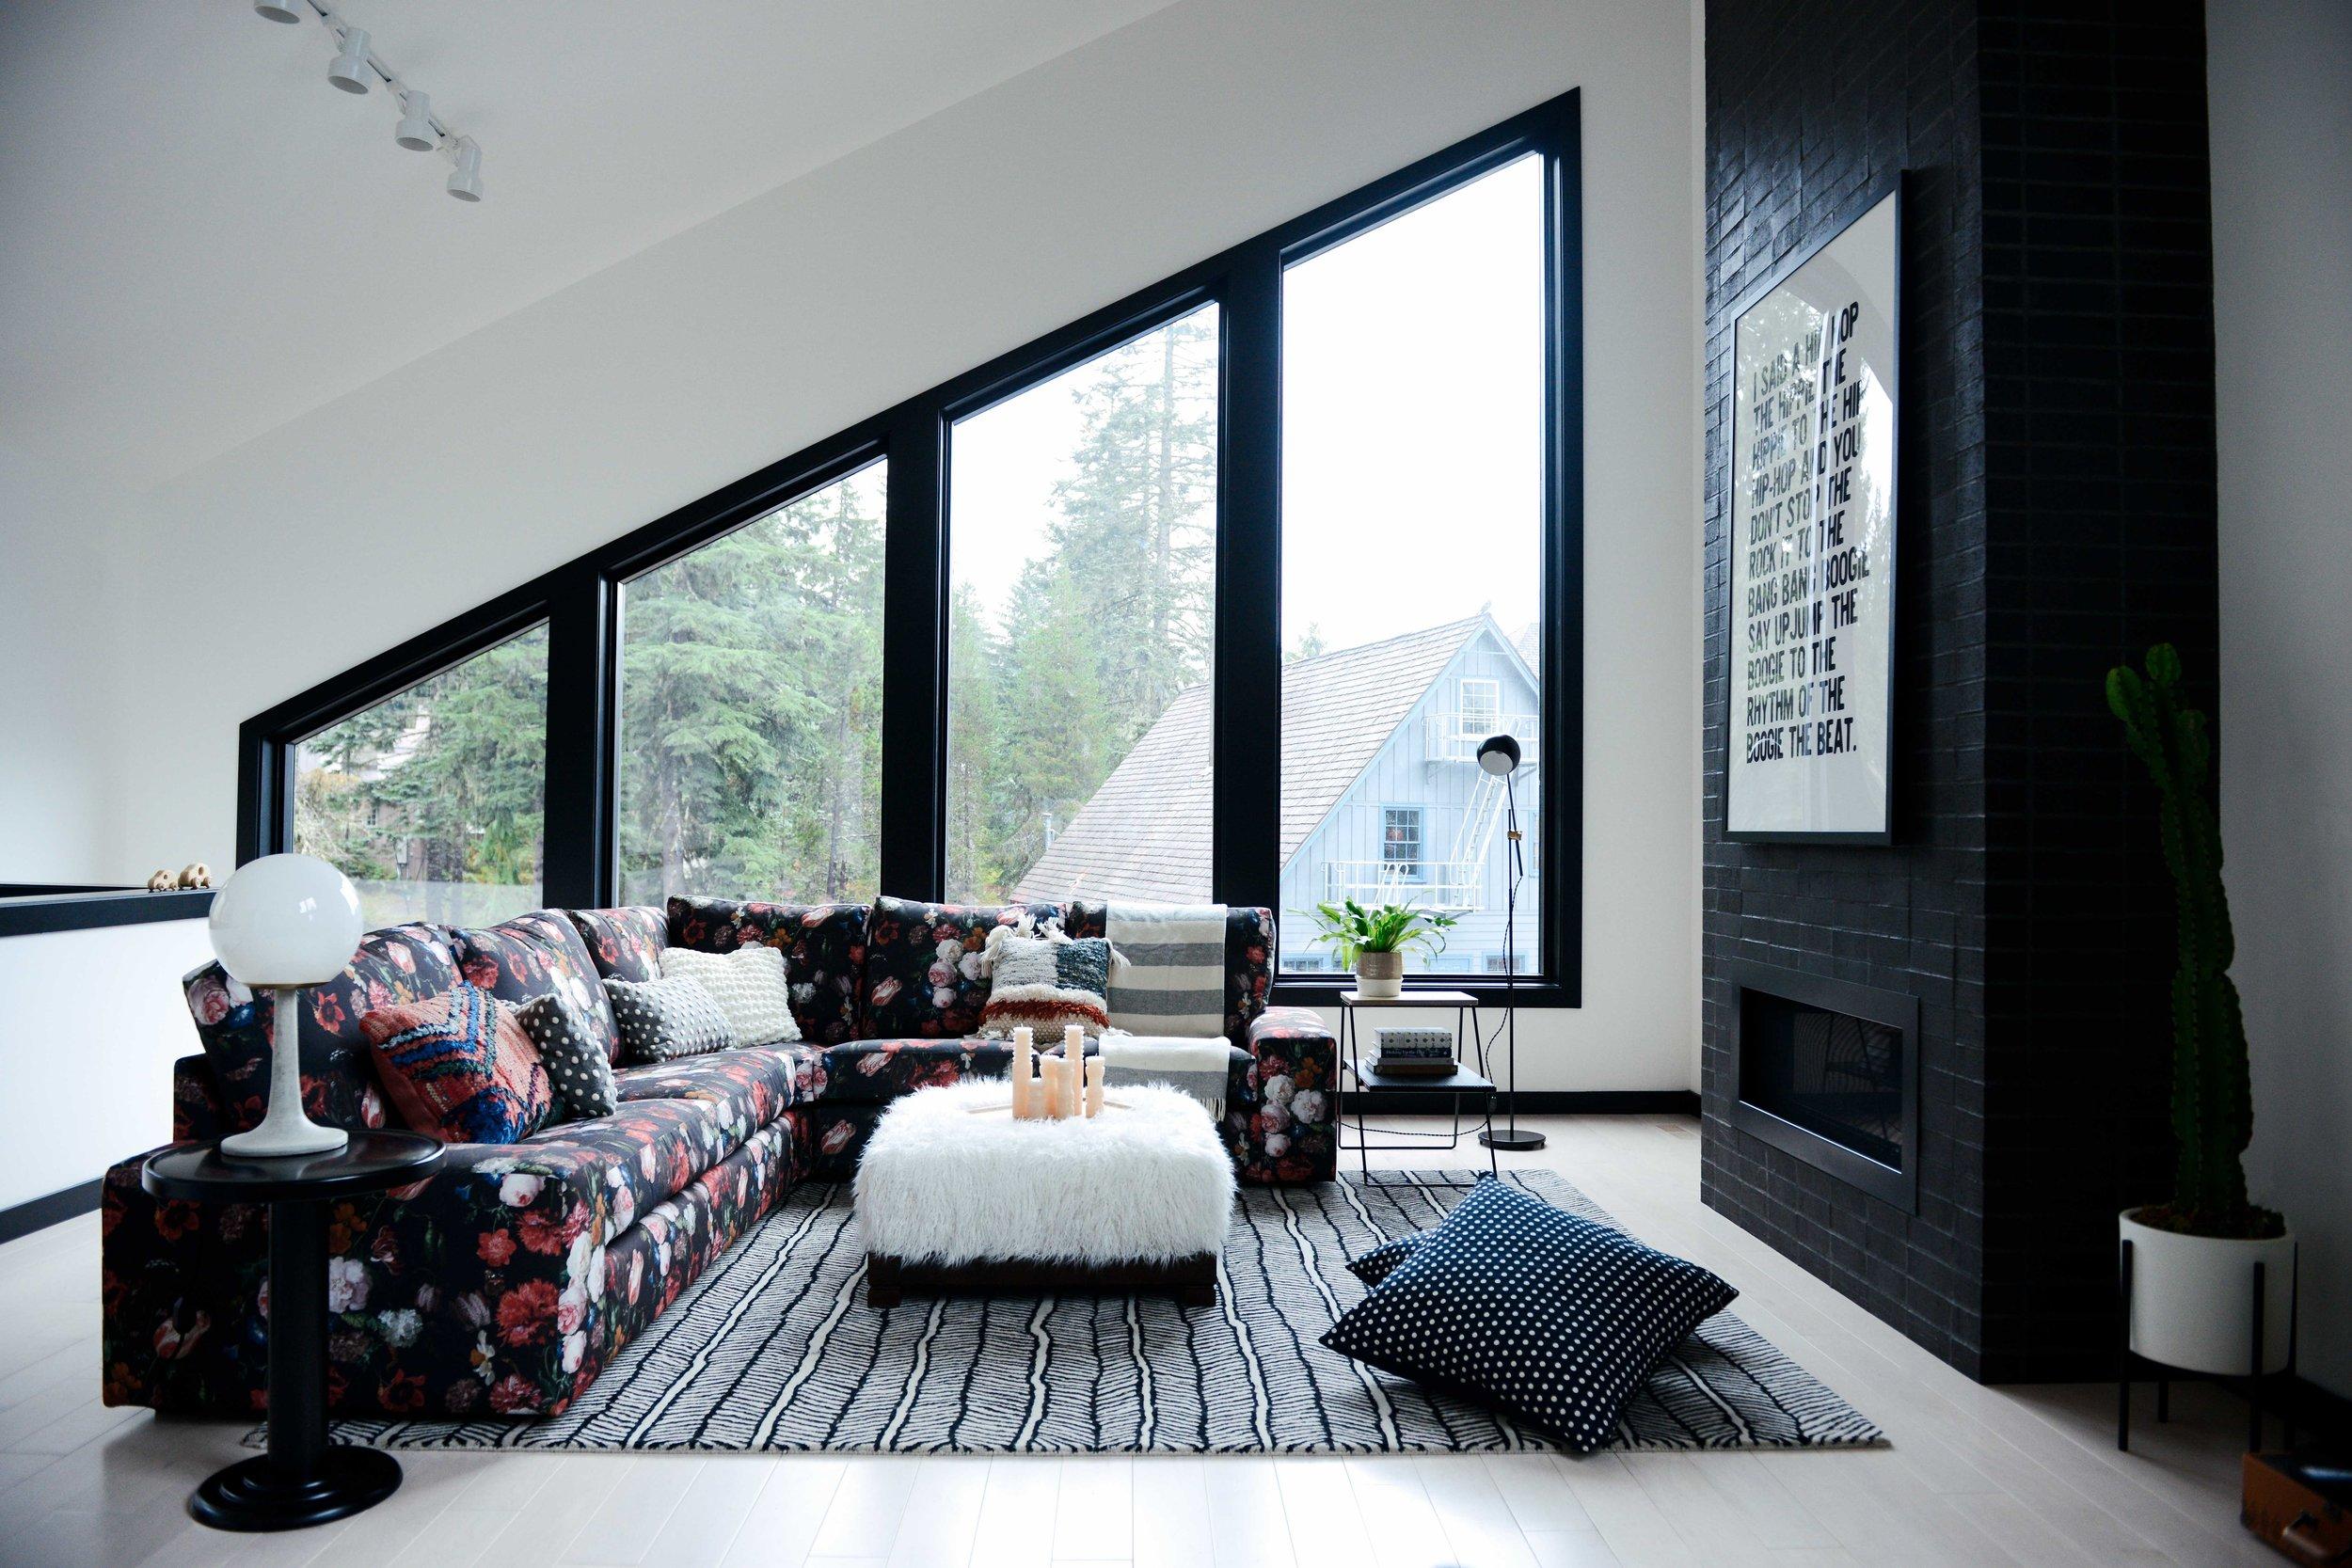 Casework_Fritsch Cabin_Living room_02.jpg